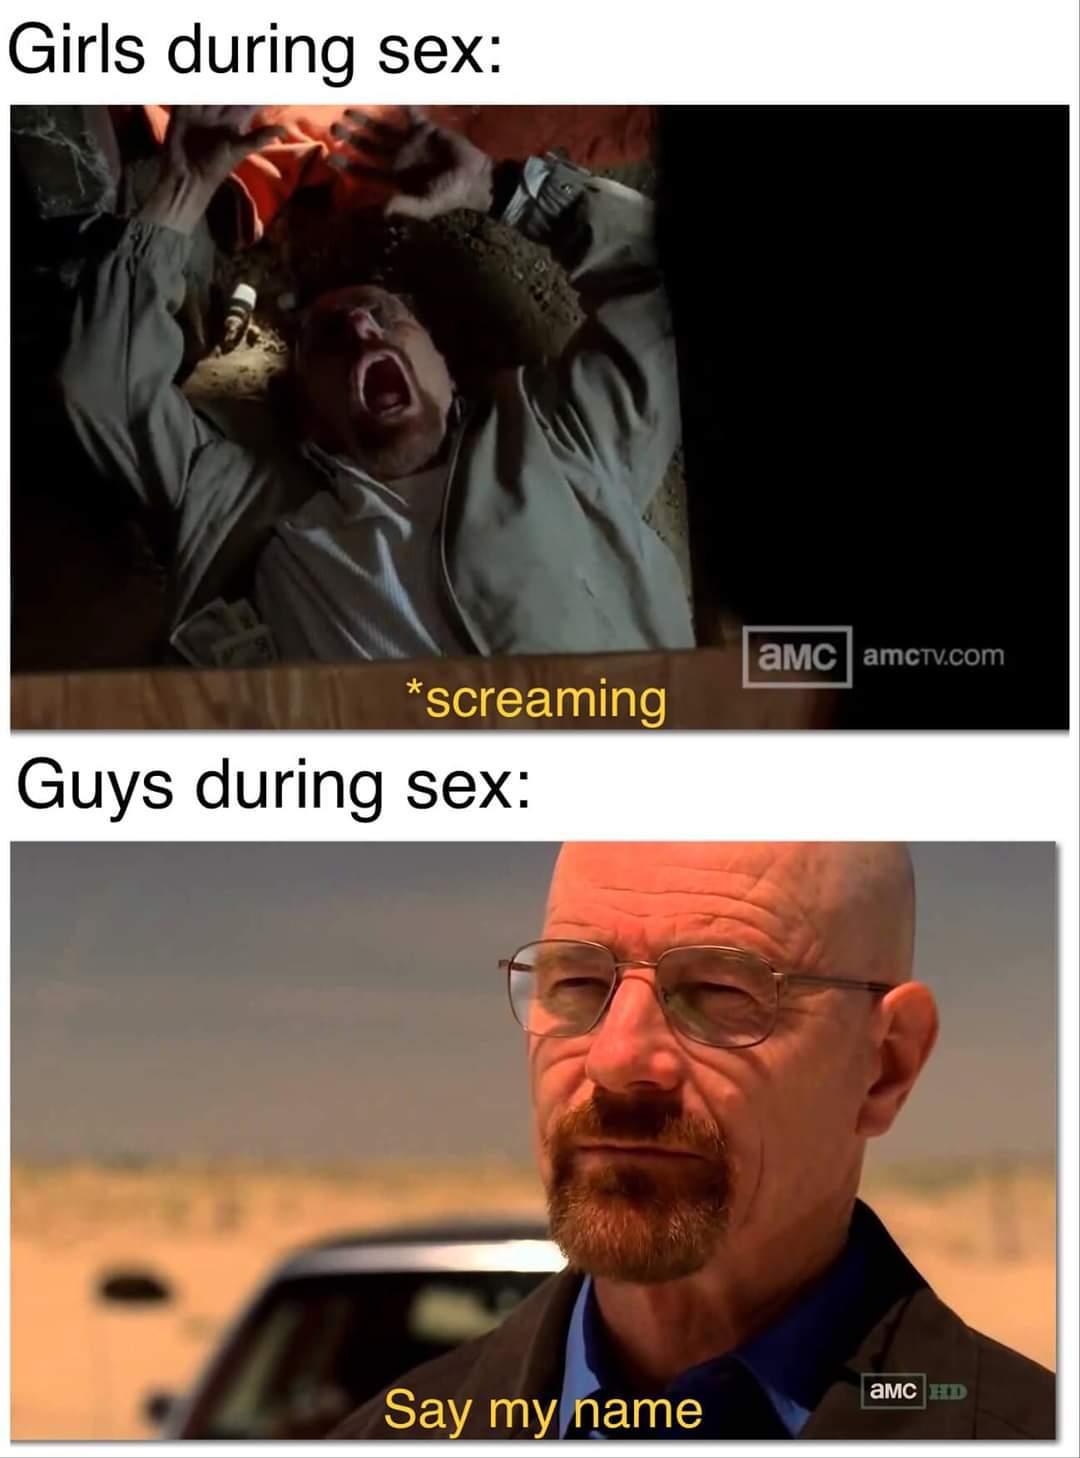 Vadia gostosa - meme